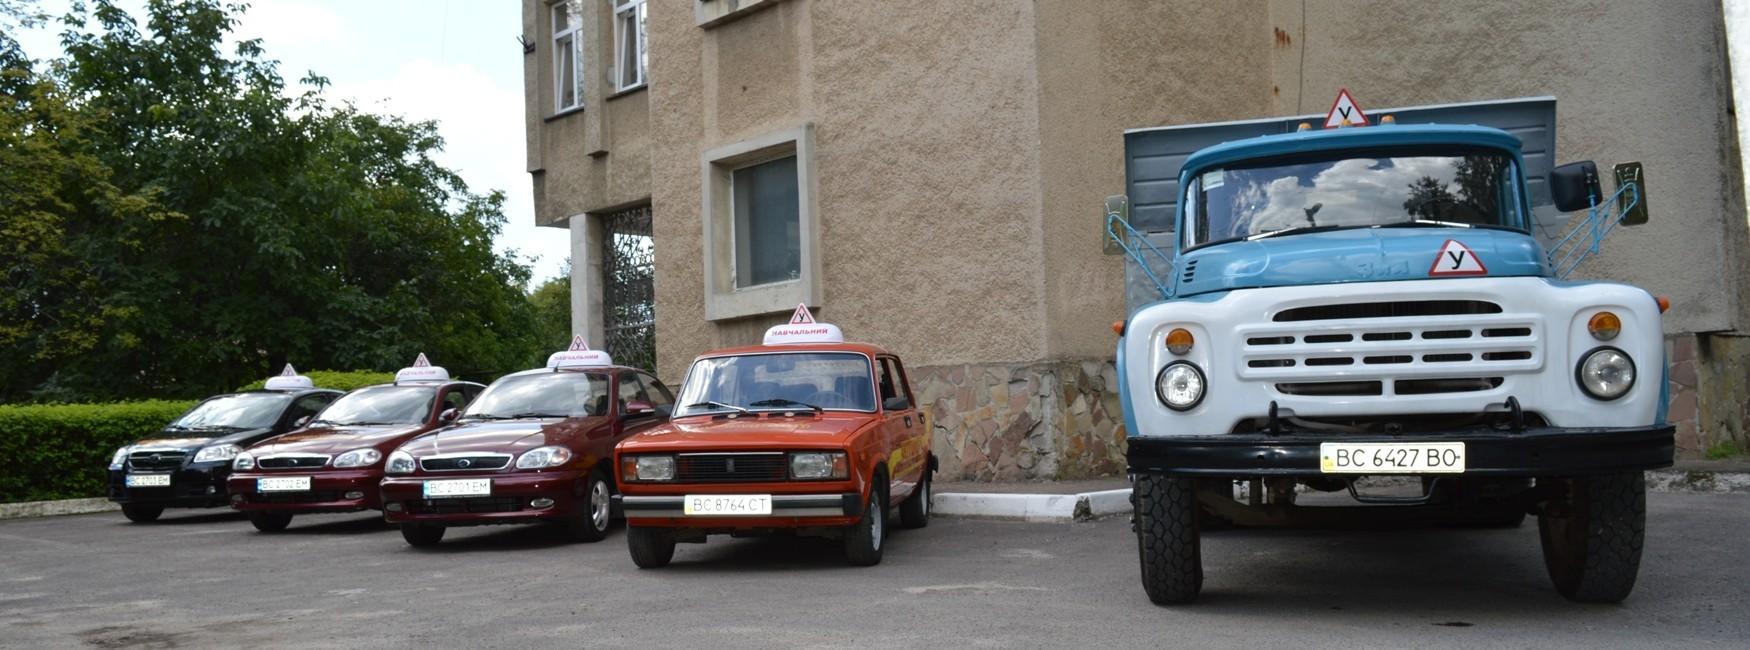 Дрогобицький навчальний центр автомобільної справи - фото 19